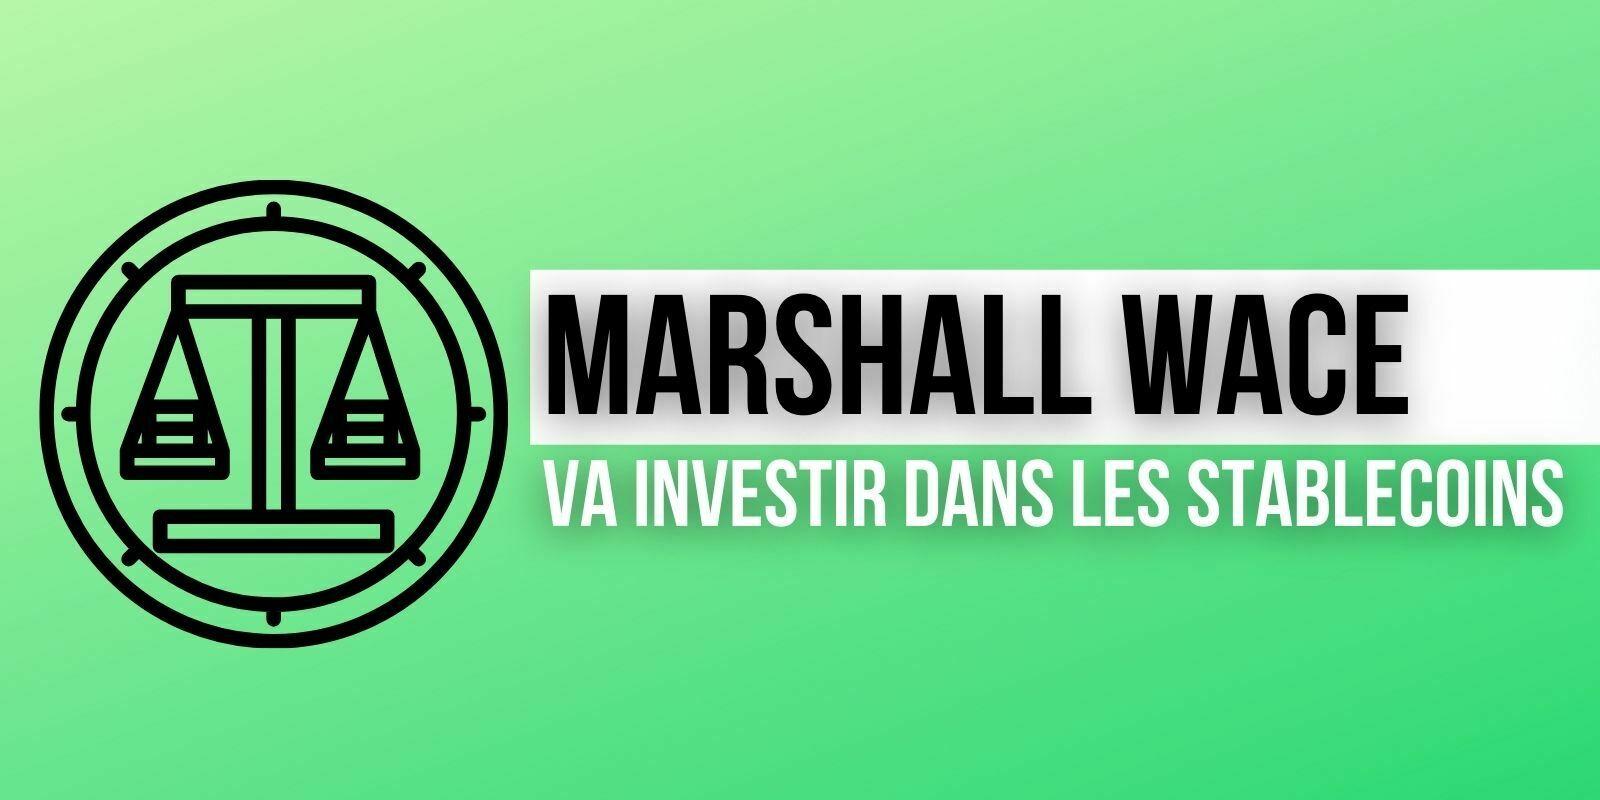 Le fonds spéculatif Marshall Wace veut investir dans les cryptomonnaies, dont les stablecoins